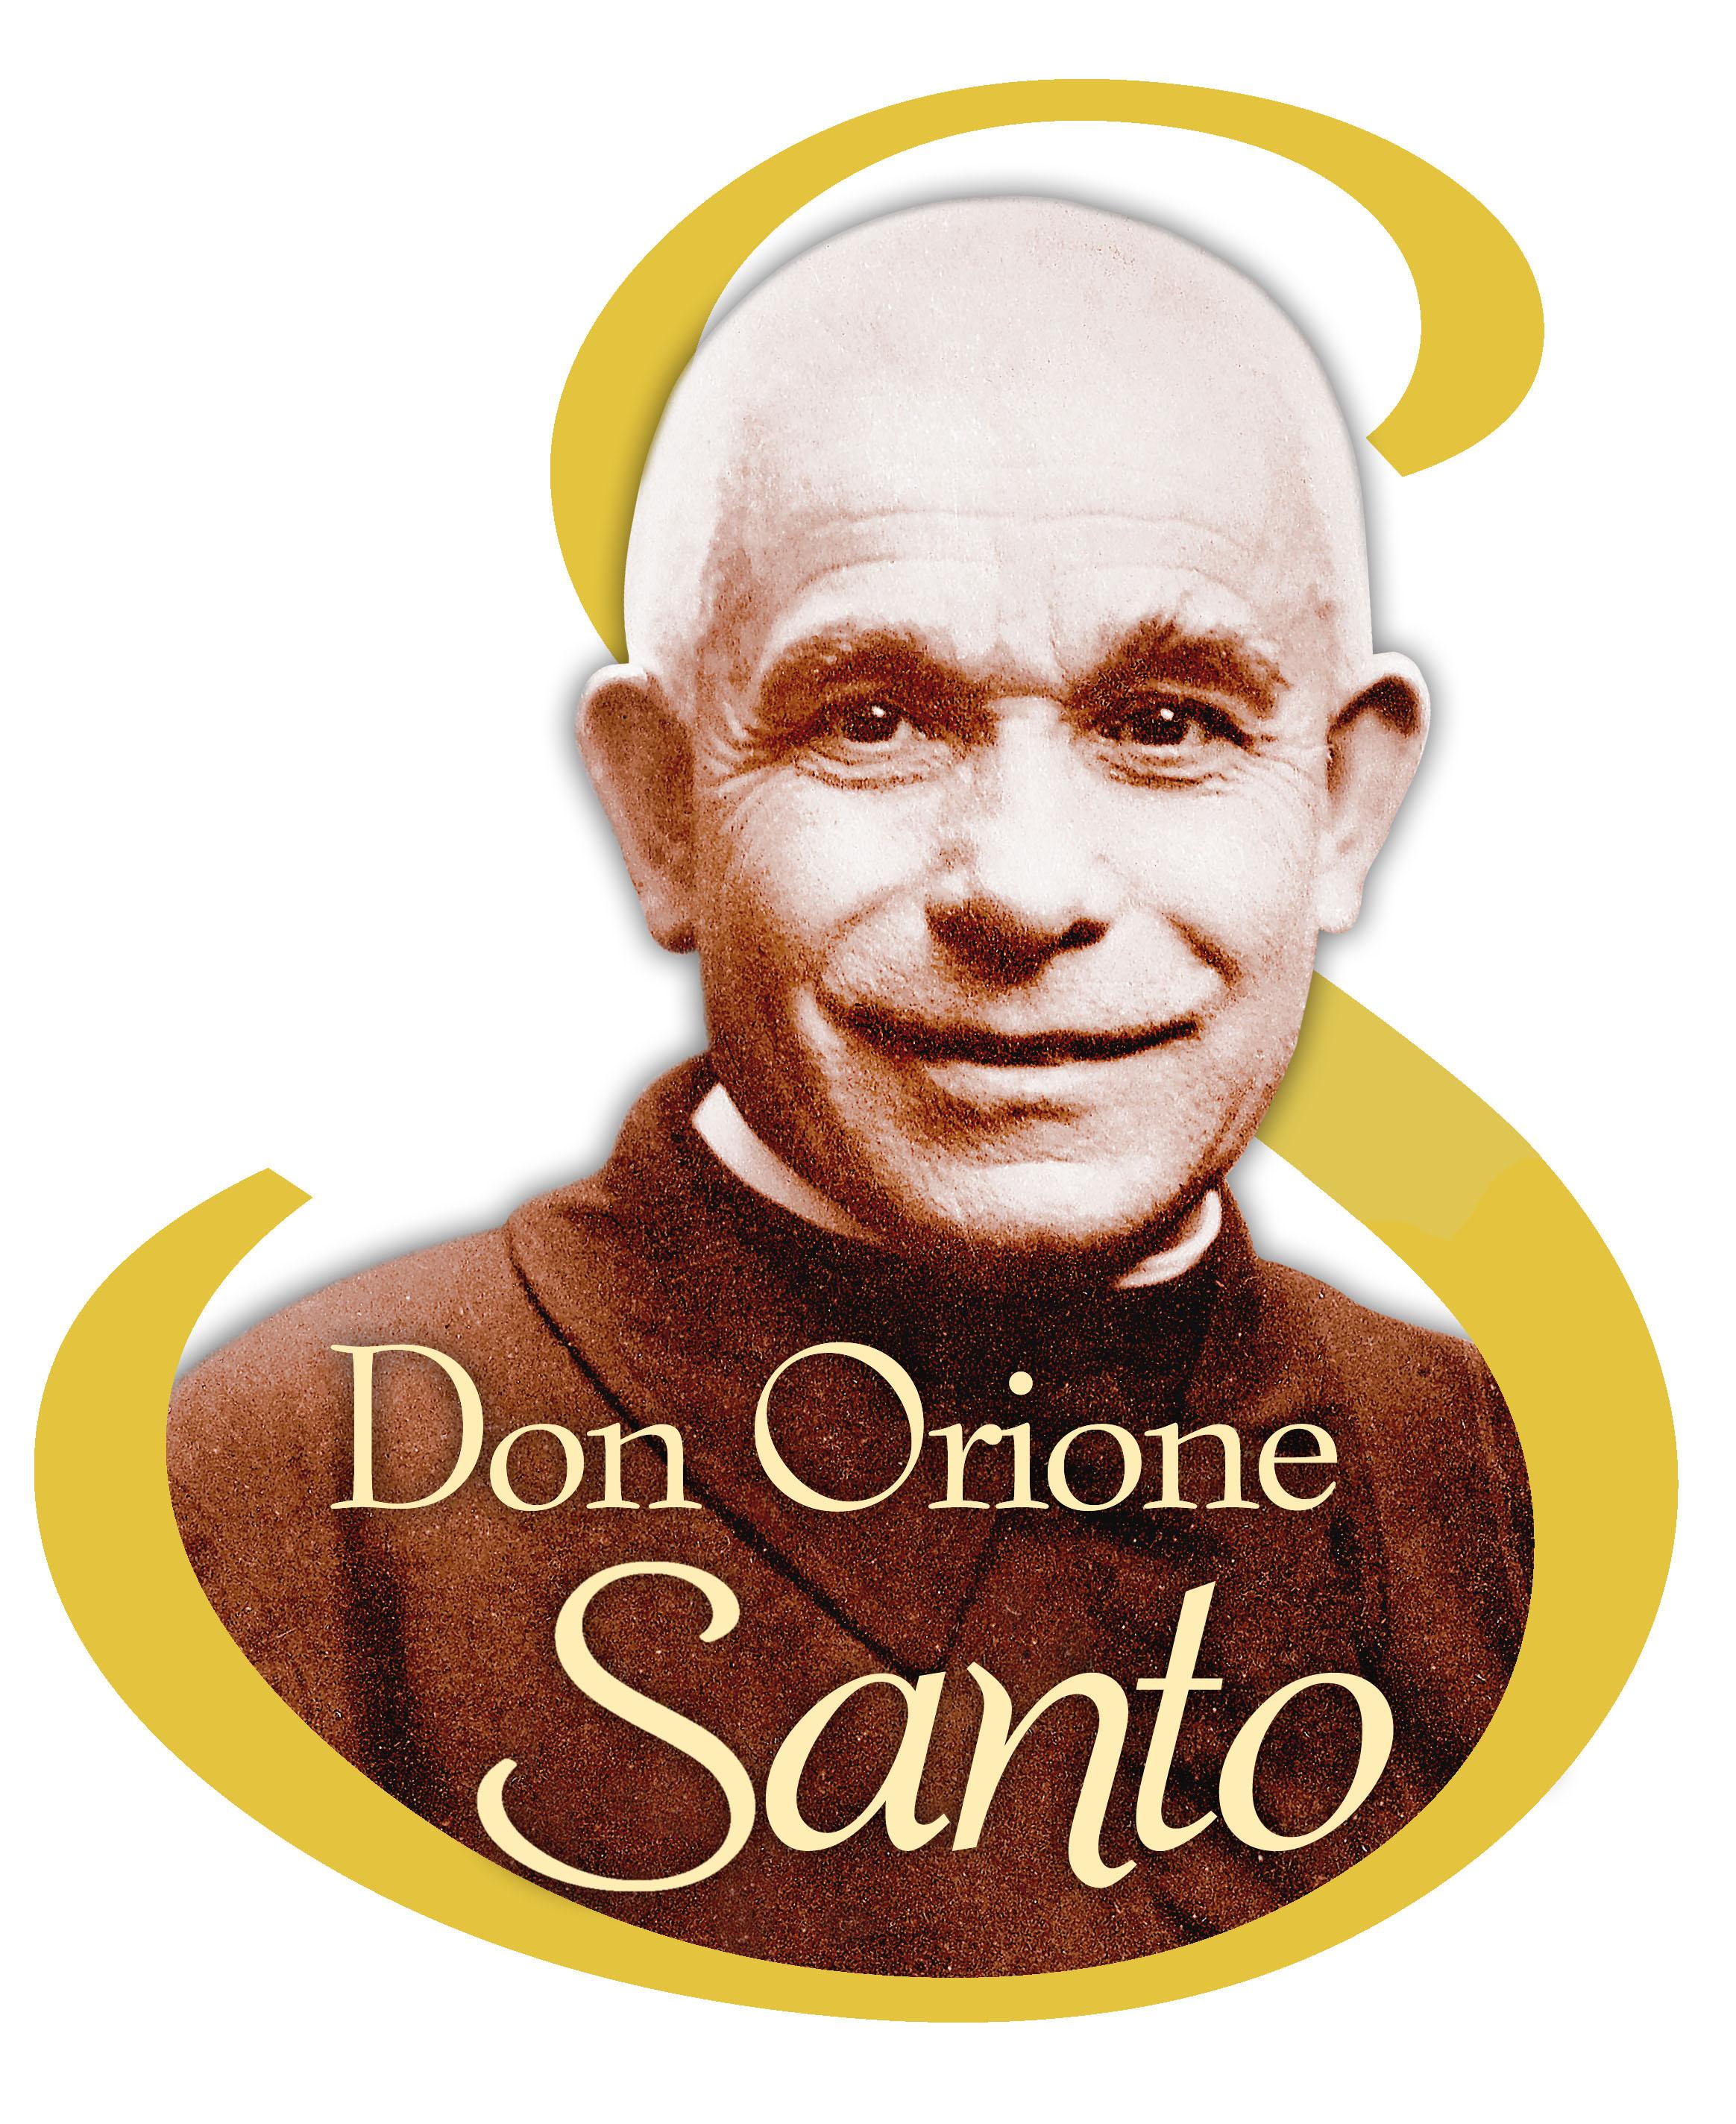 El logotipo de Don Orione Santo